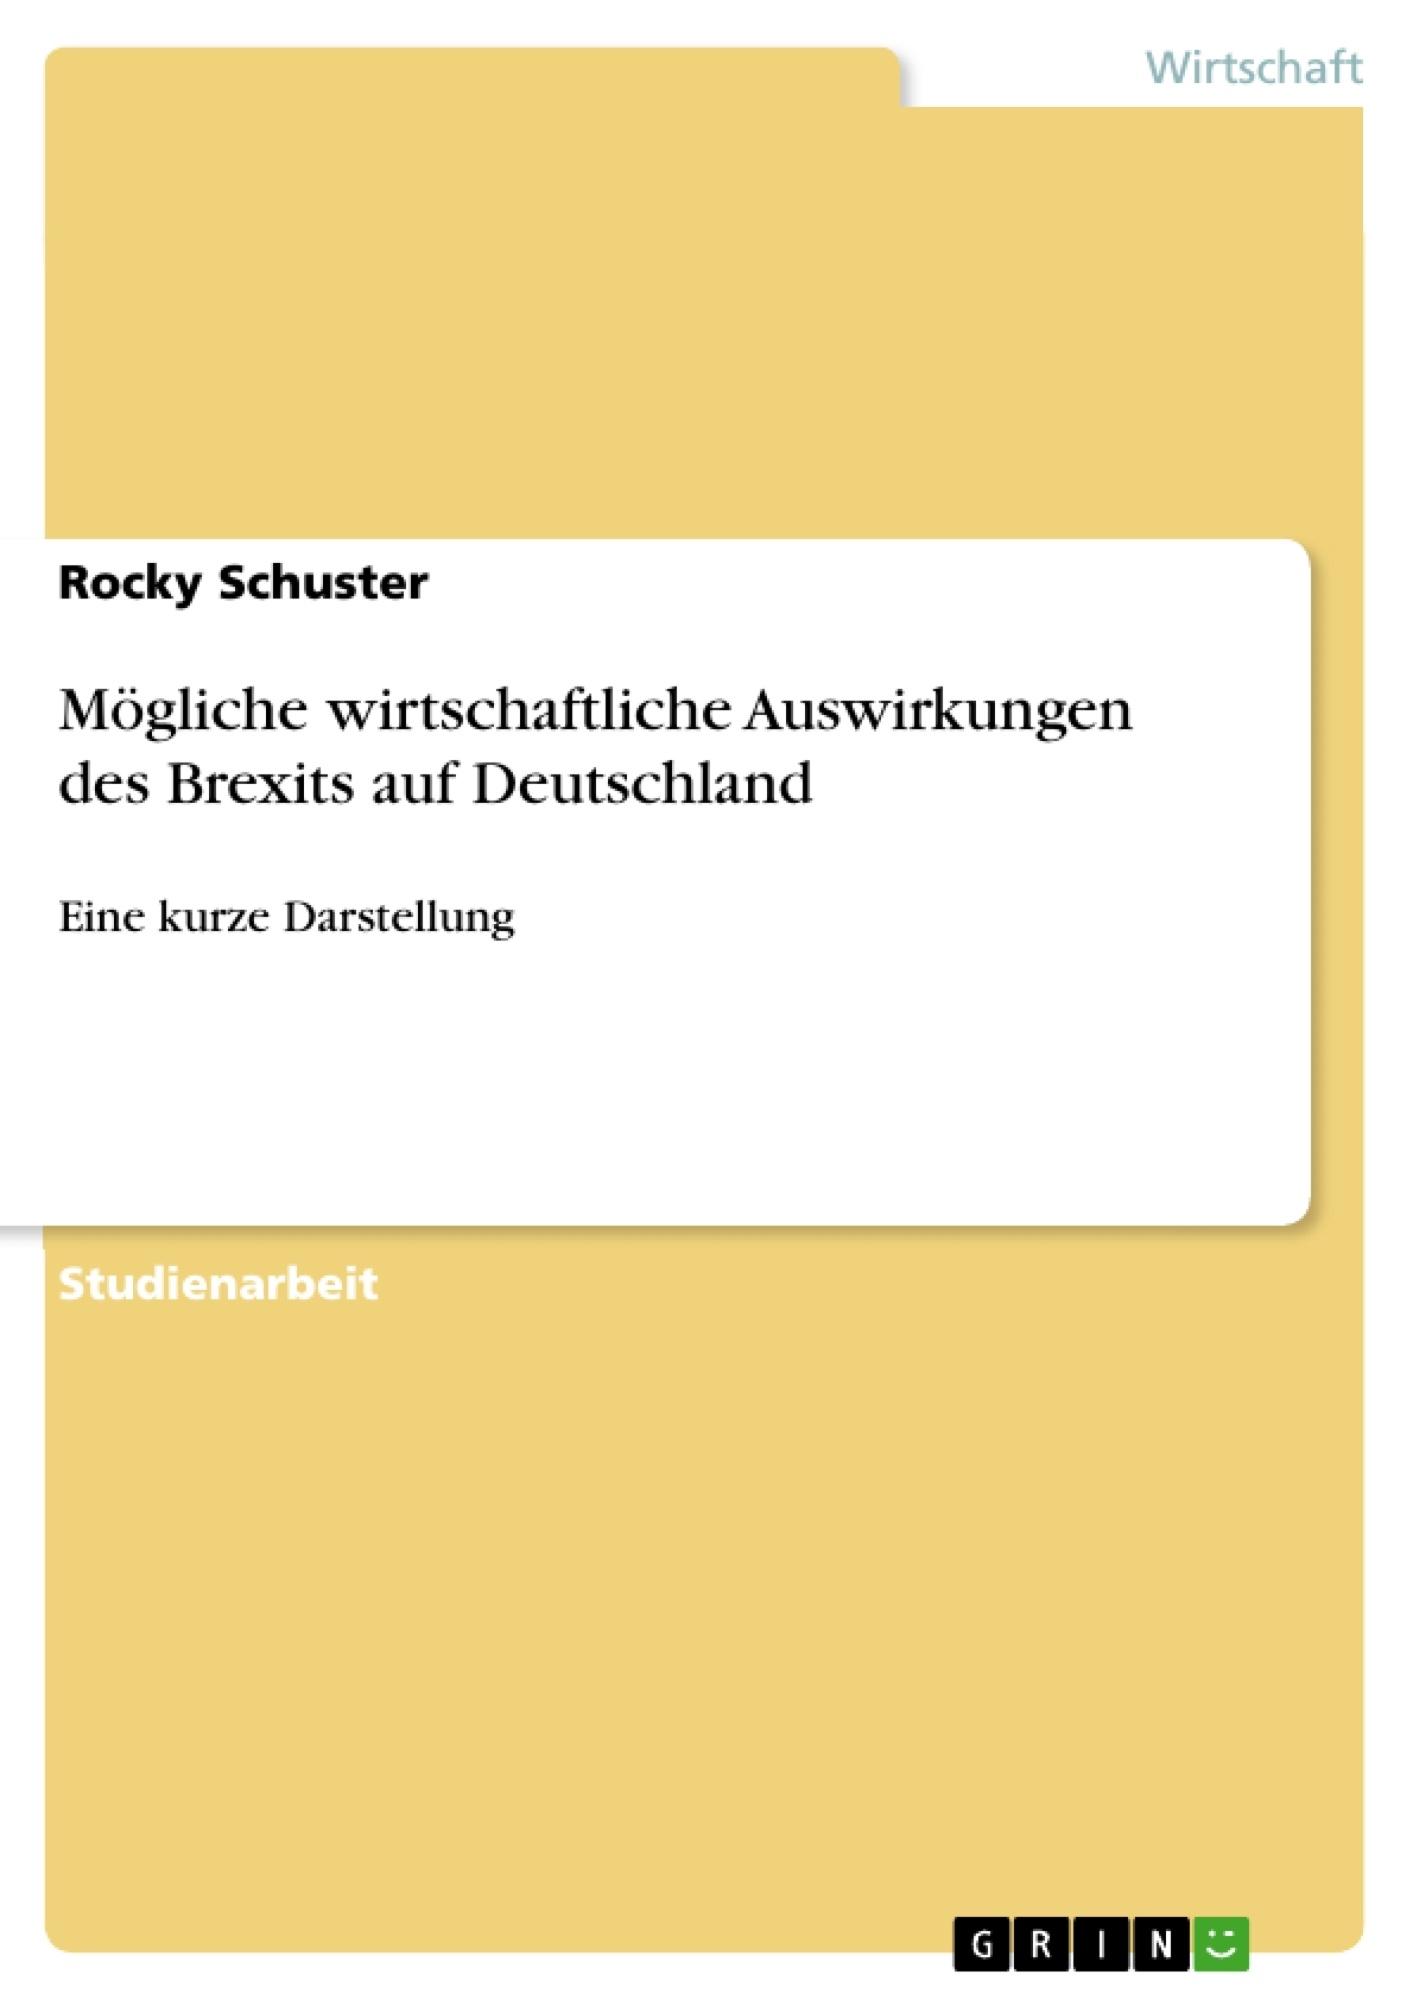 Titel: Mögliche wirtschaftliche Auswirkungen des Brexits auf Deutschland